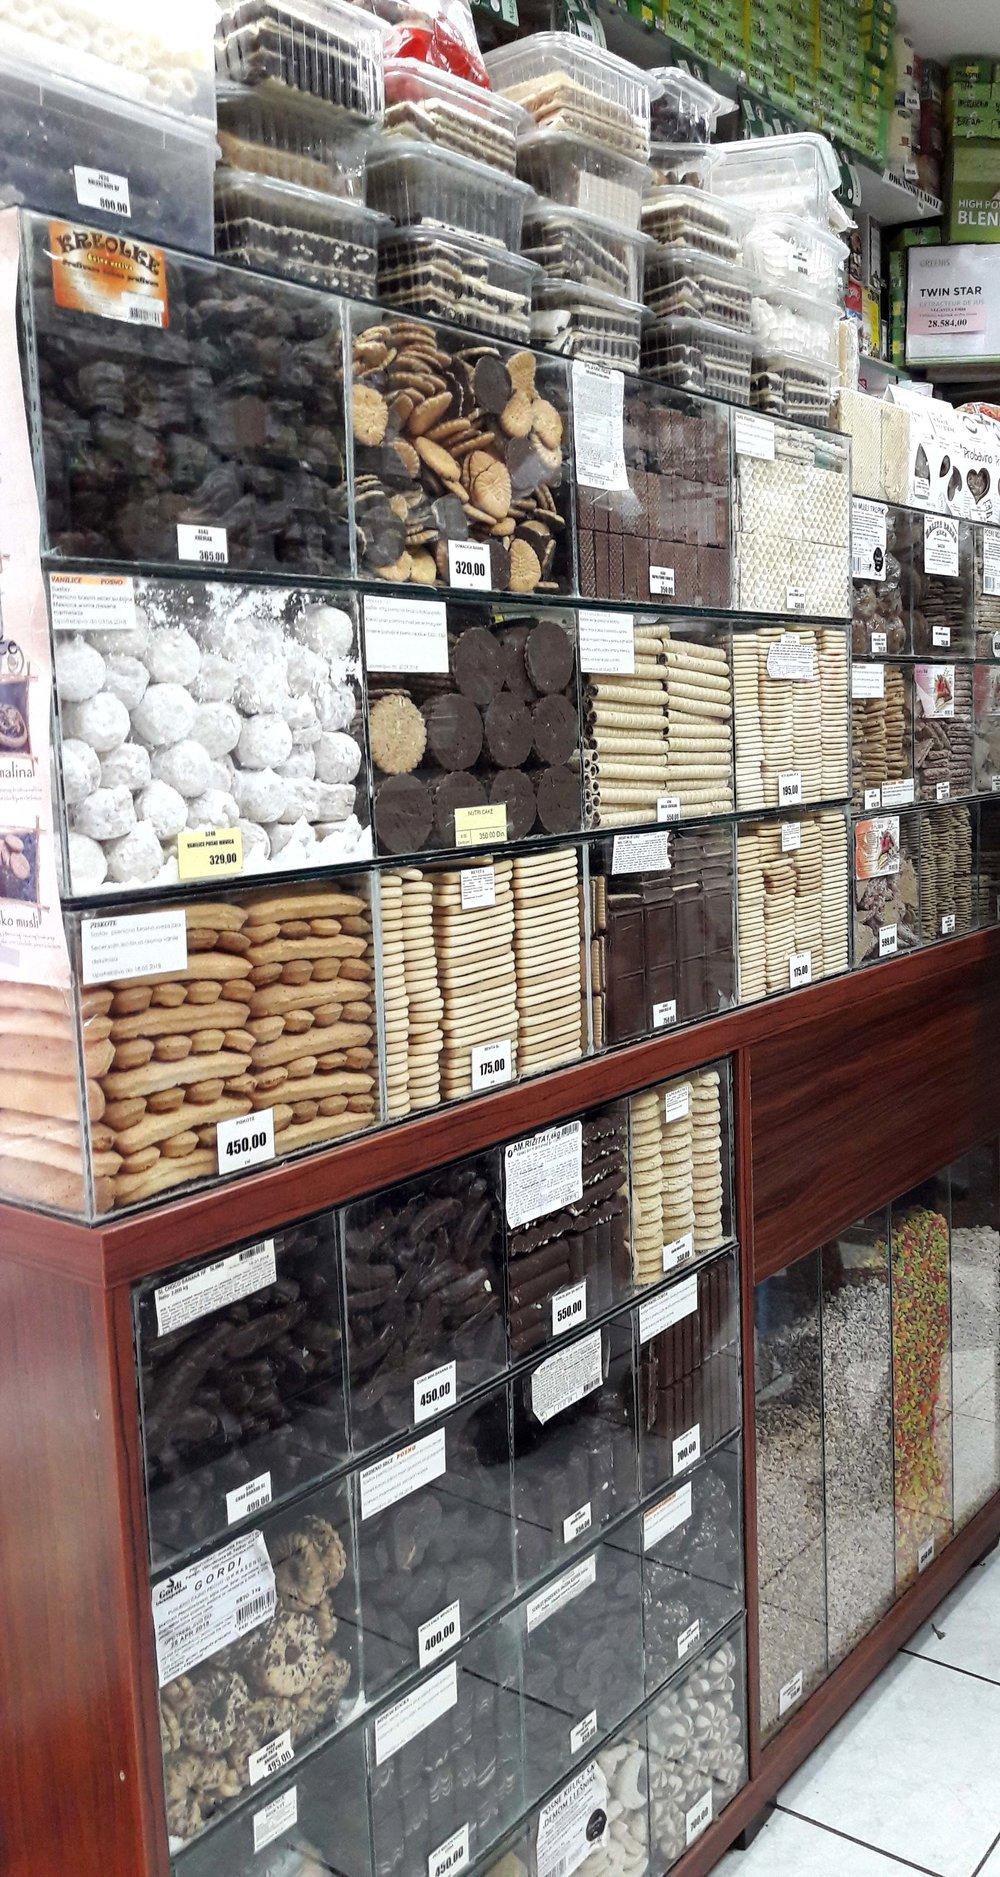 Prodavnica Zdrave Hrane